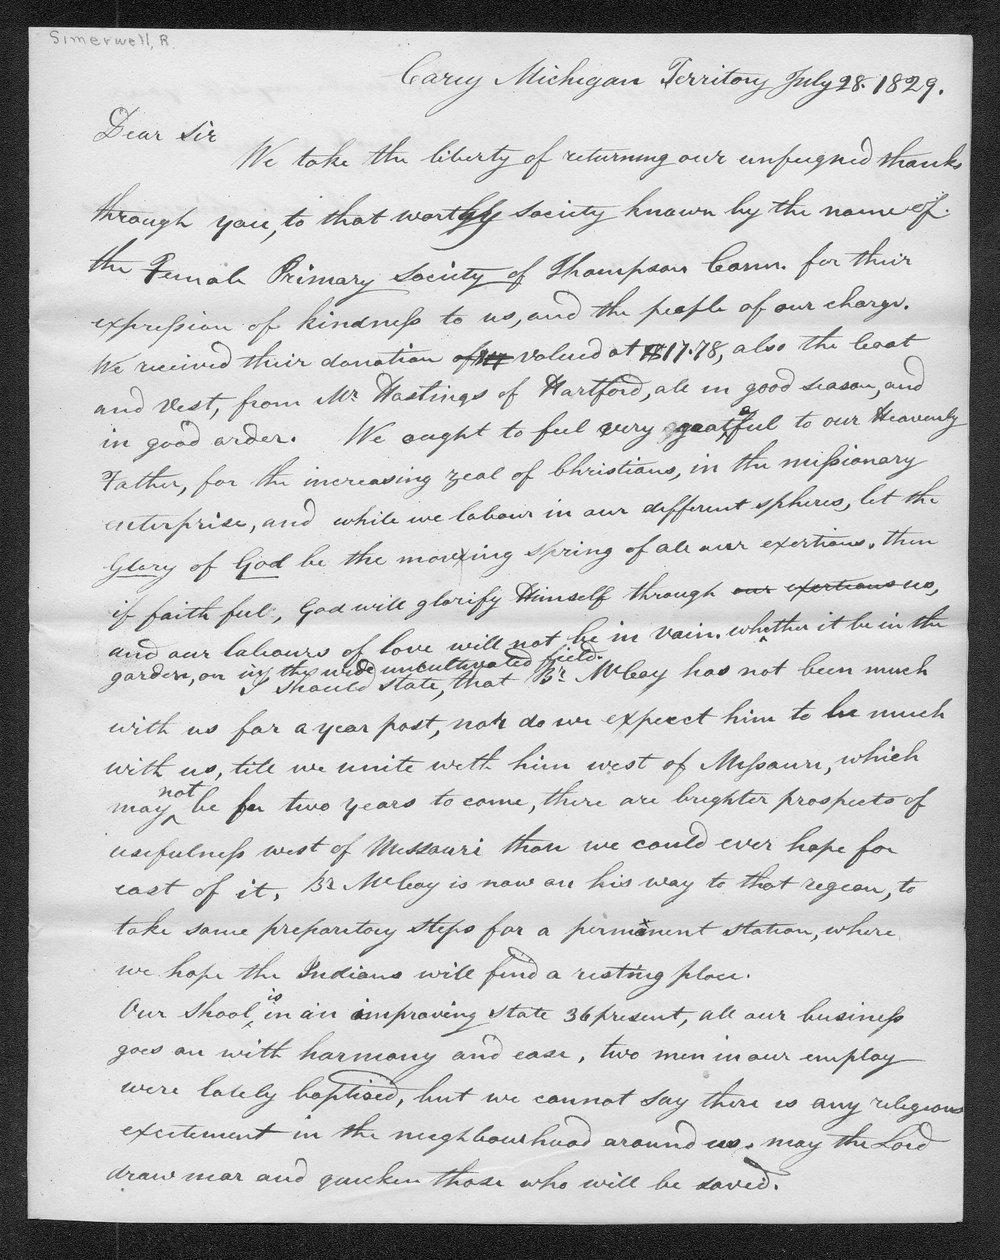 Robert Simerwell to Rev. Joseph B. Gilbert - 1